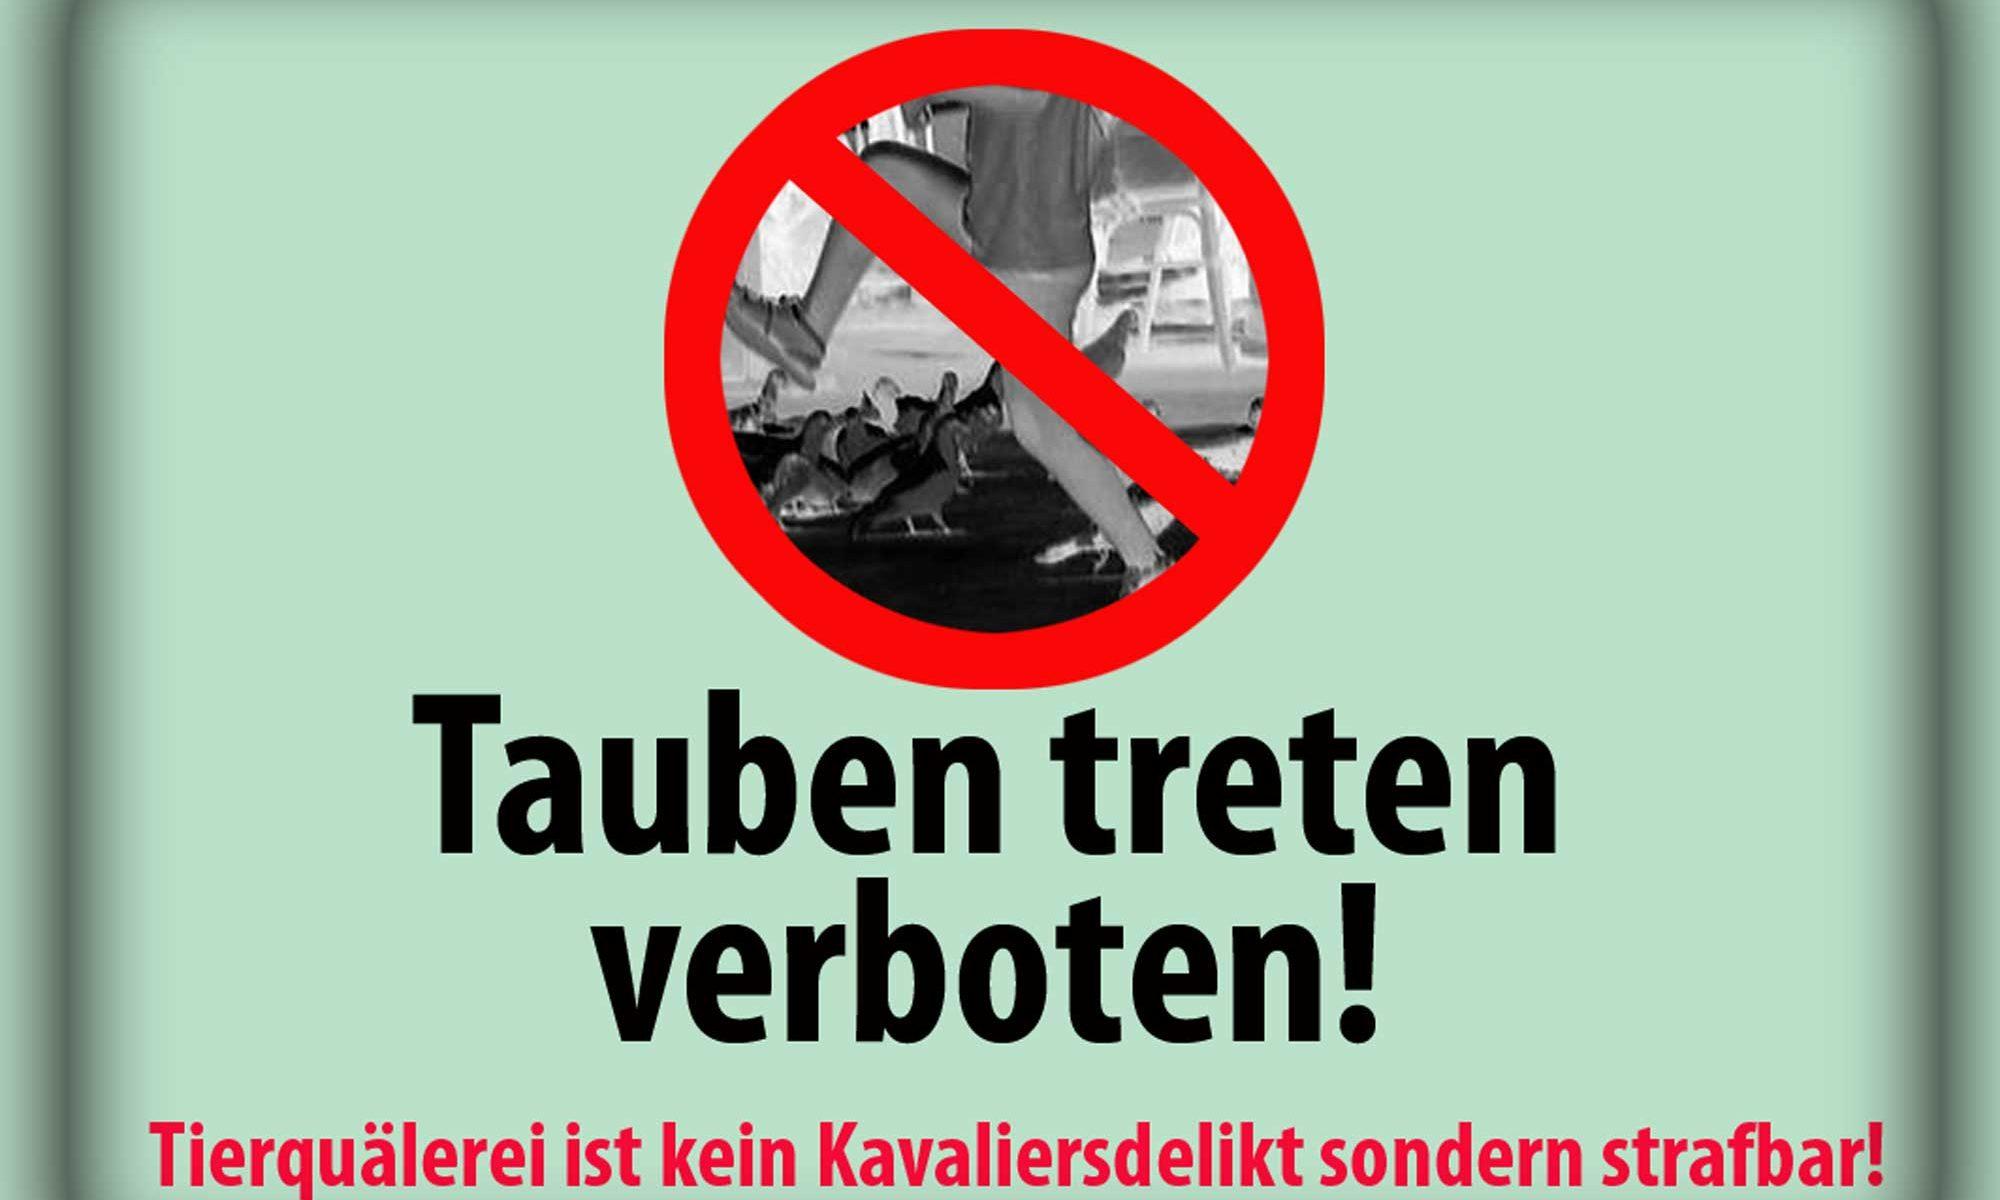 Gewalt gegen Tauben verbieten!